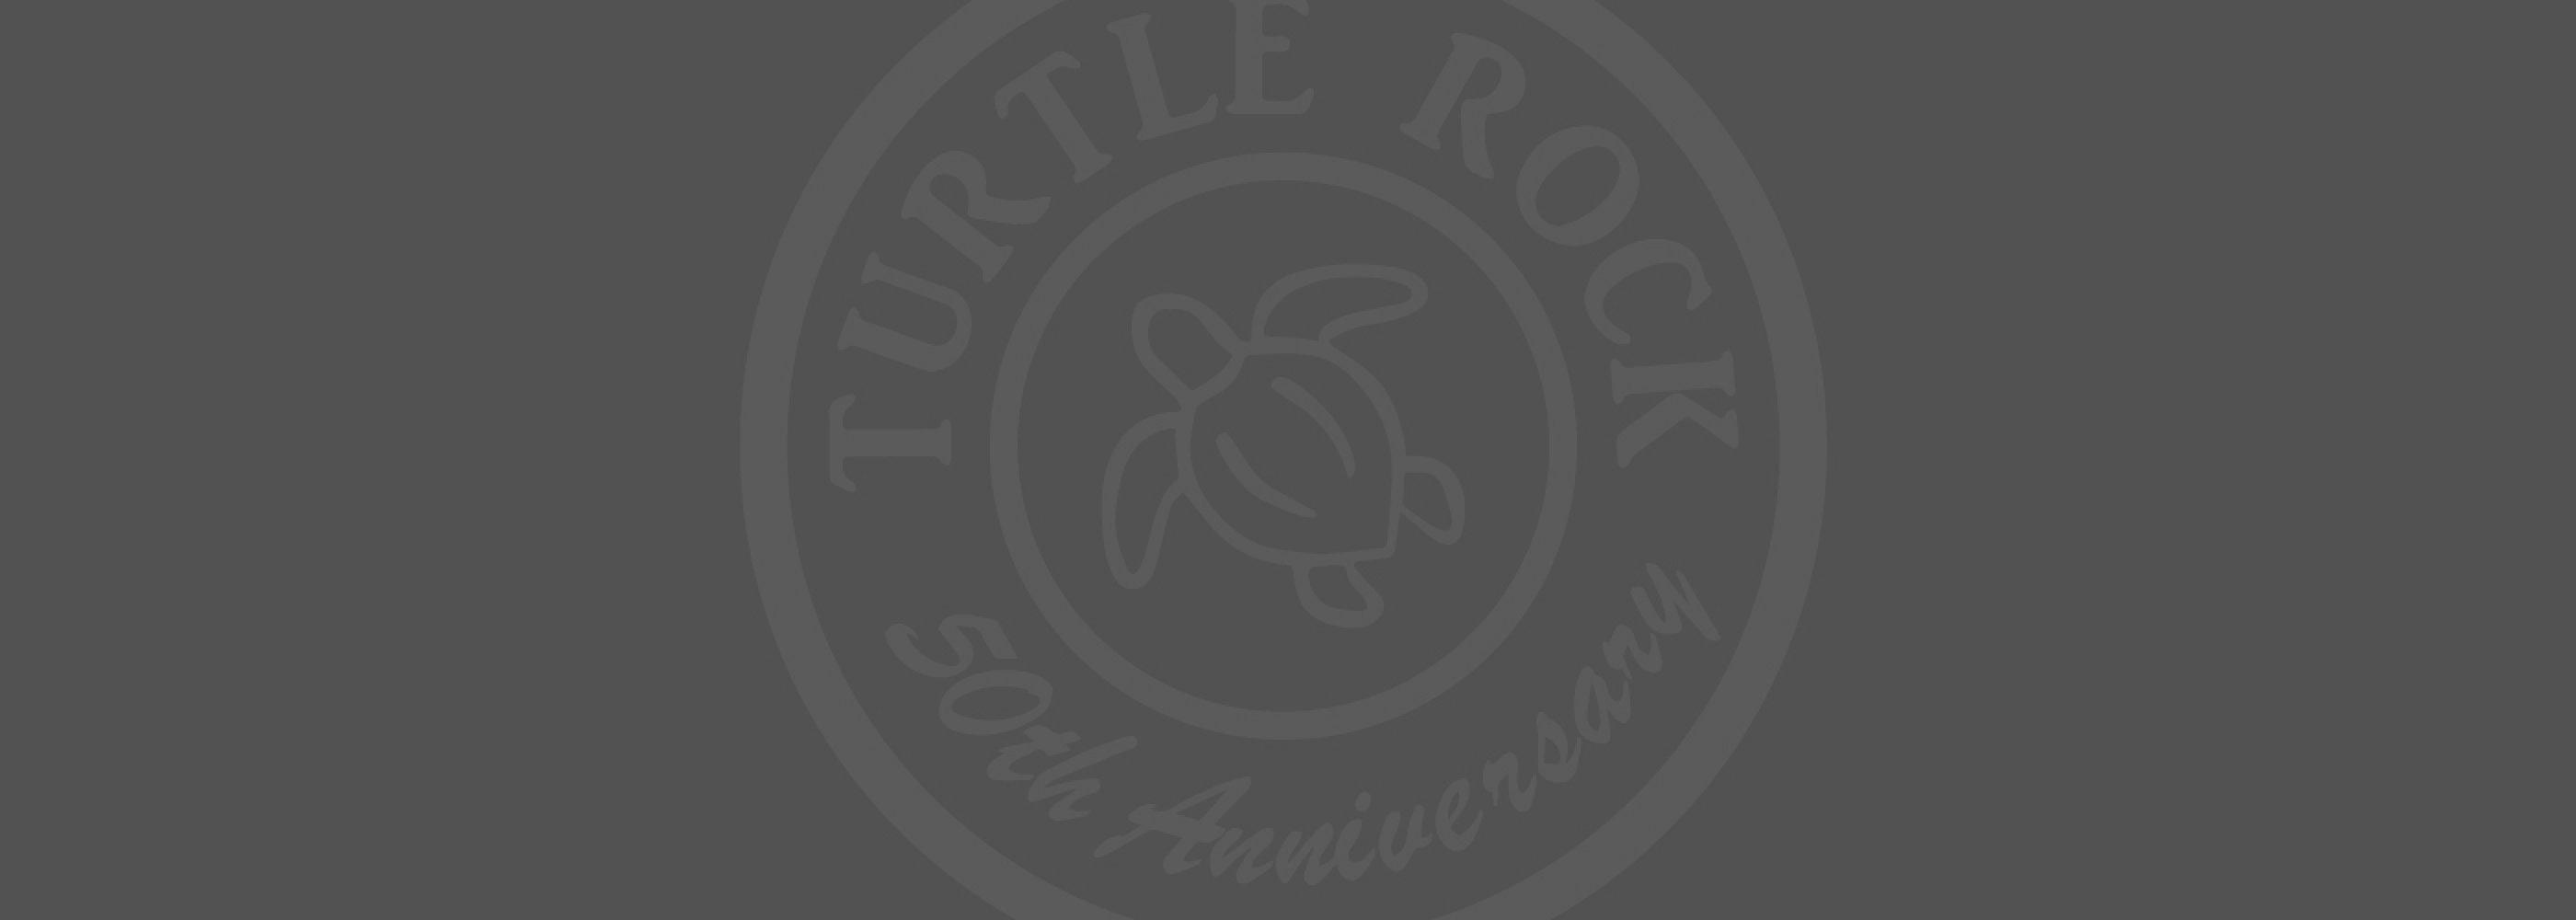 turtlerock logo